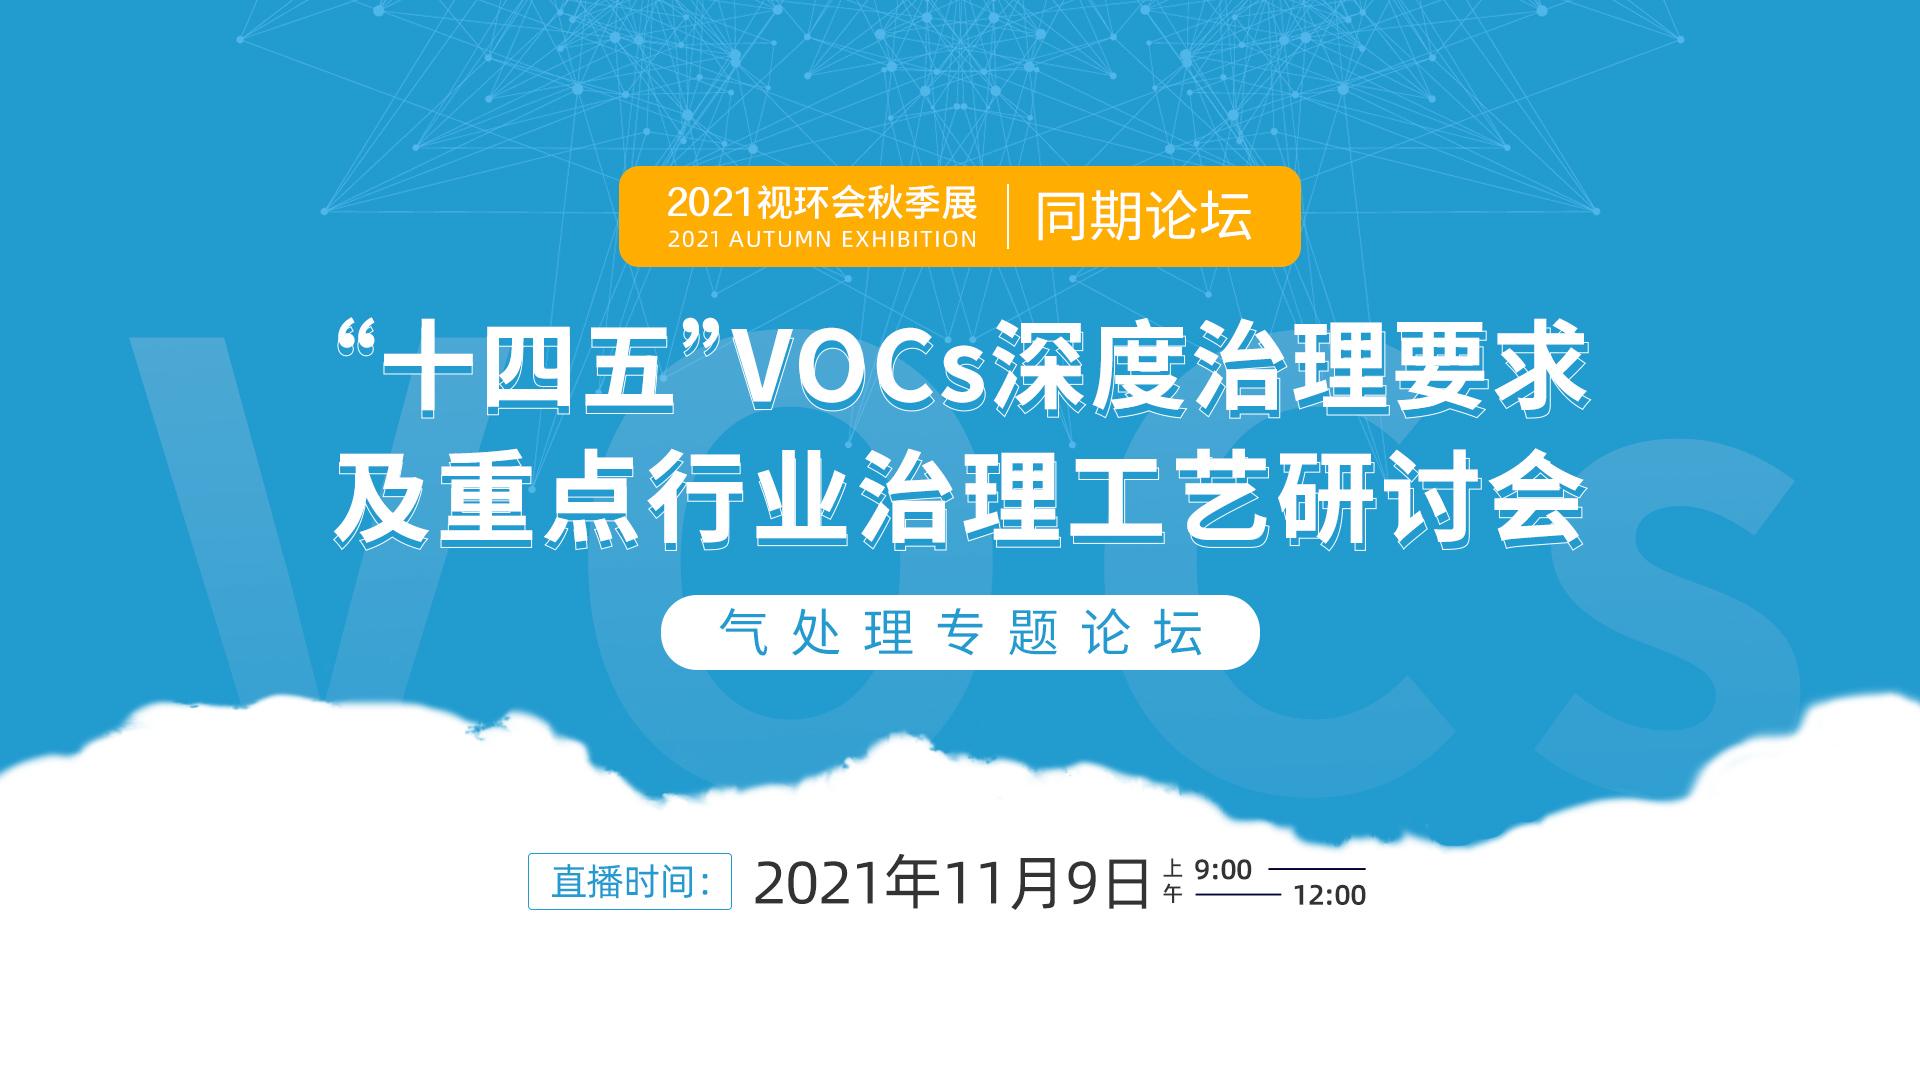 """""""十四五""""VOCs深度治理要求及重点行业治理工艺线上研讨会"""